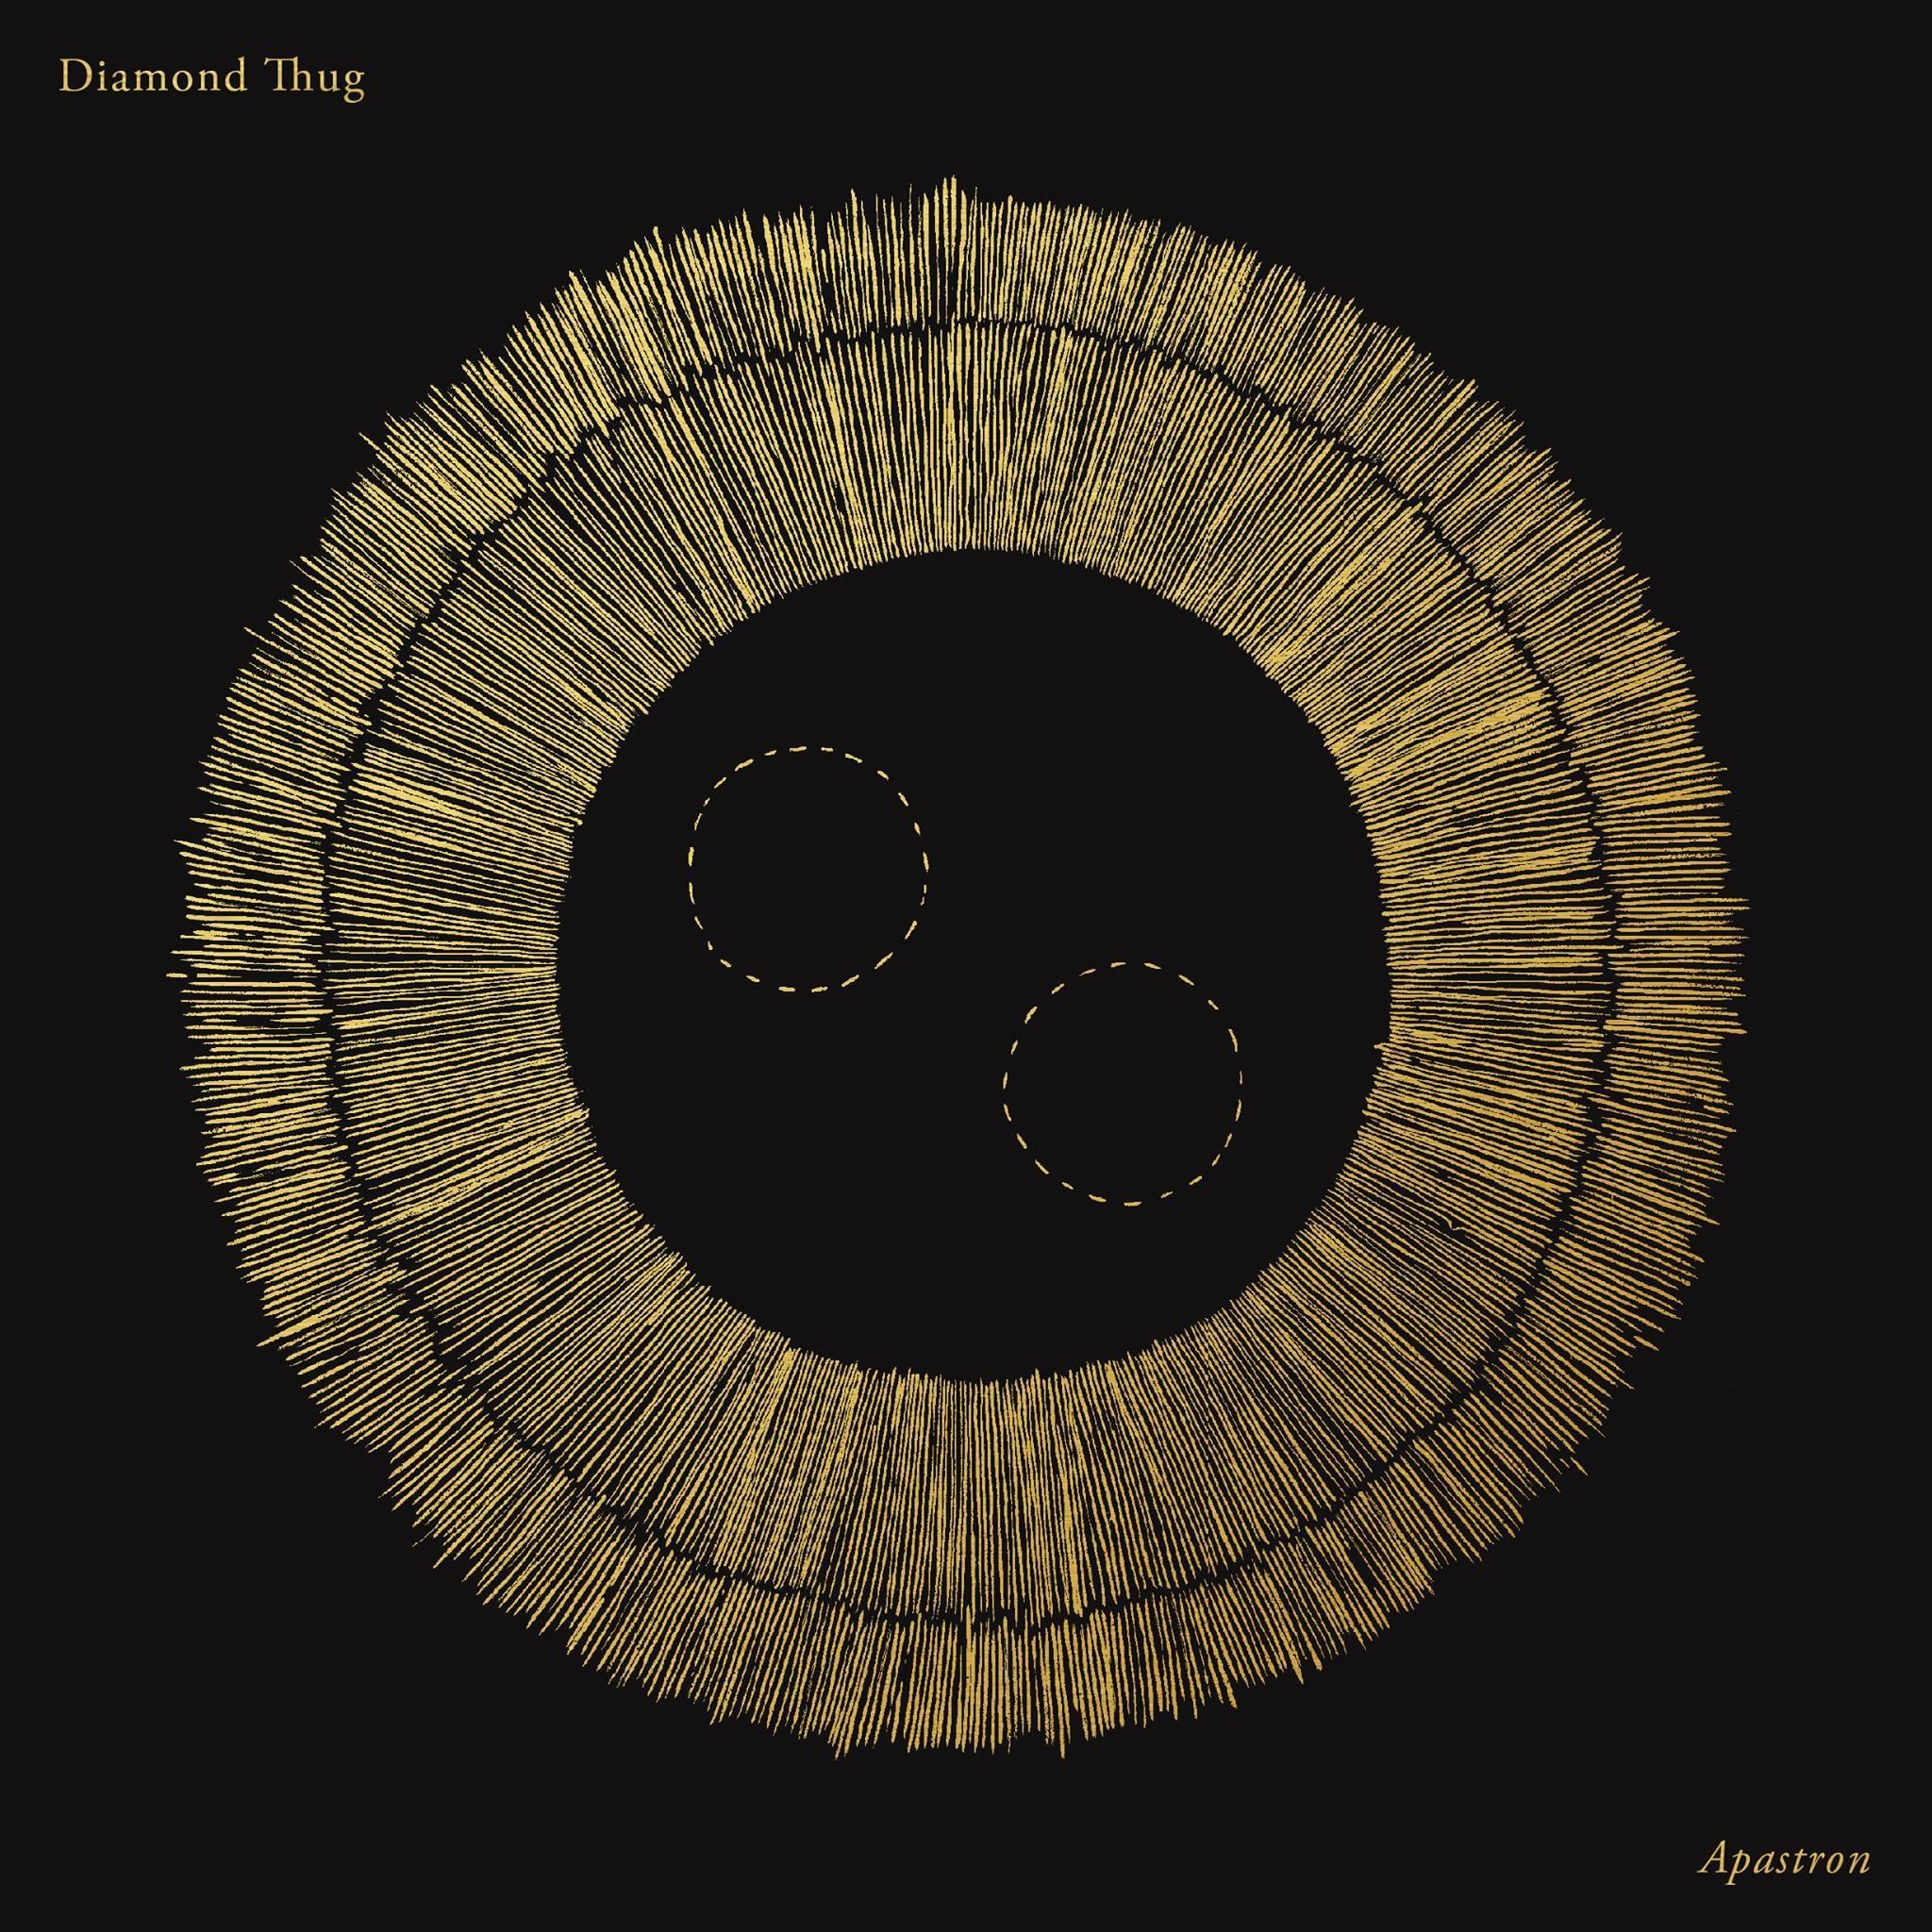 Diamond Thug release their Apastron album